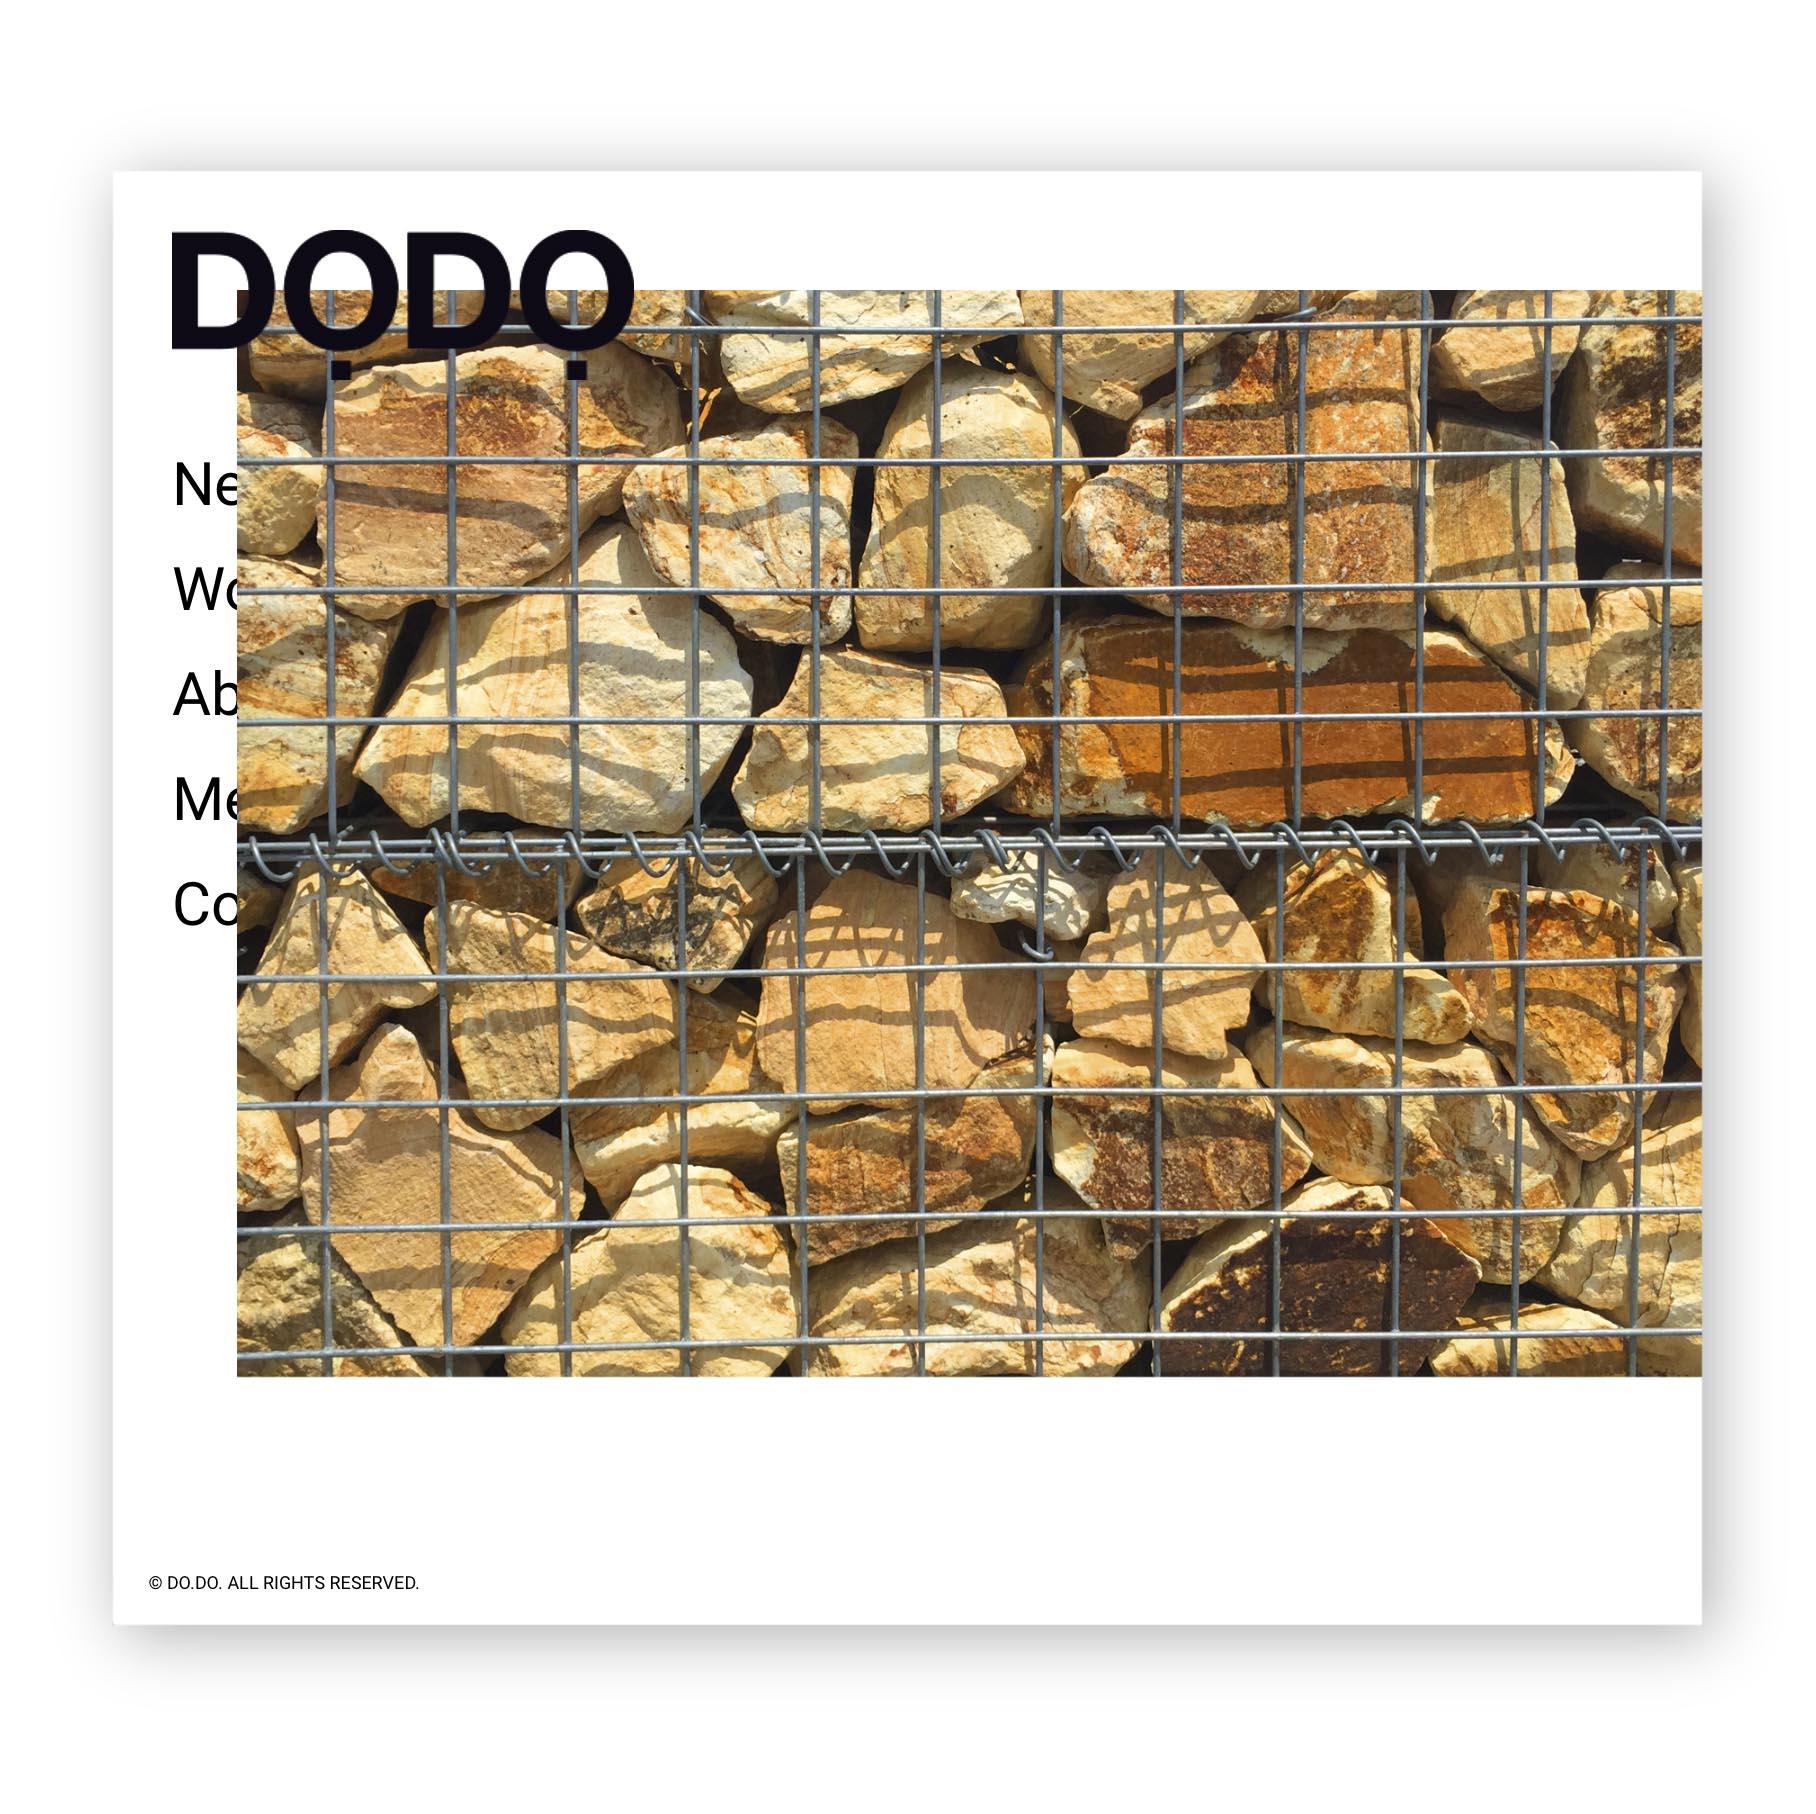 dodo_web_01